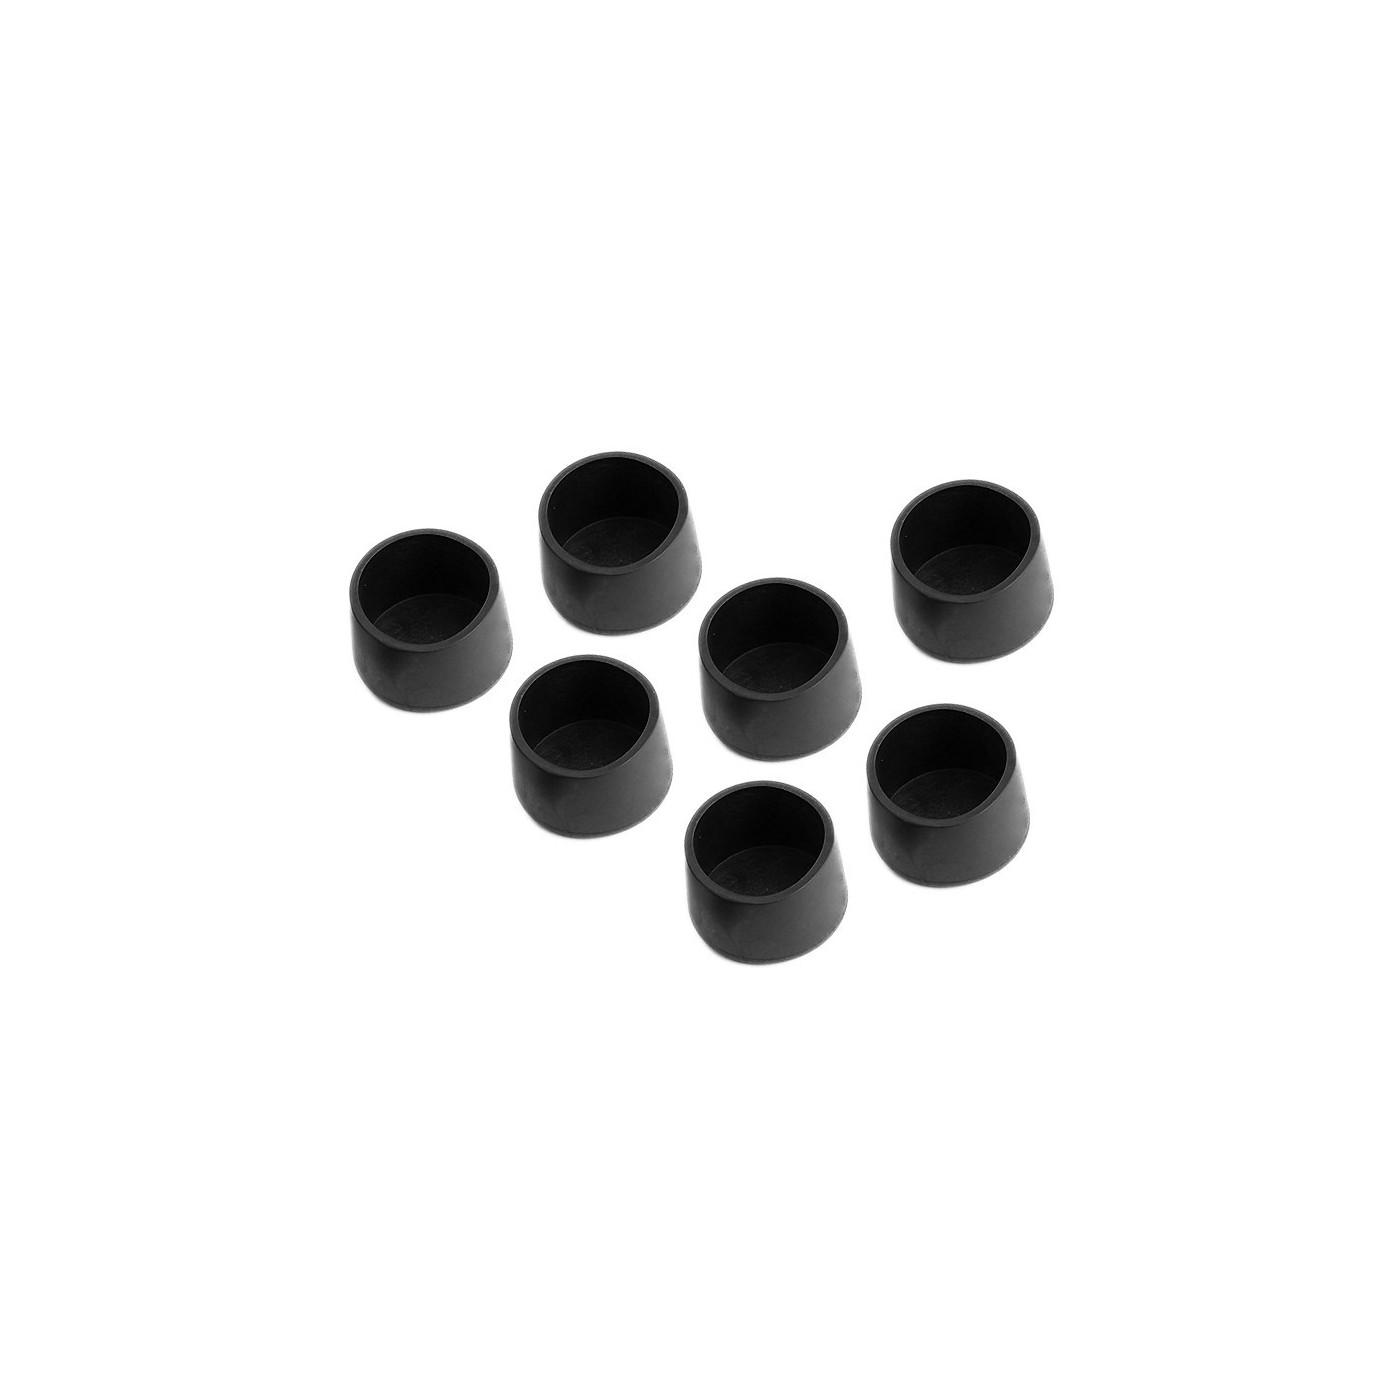 Jeu de 32 couvre-pieds de chaise flexibles (extérieur, rond, 35 mm, noir) [O-RO-35-B]  - 1